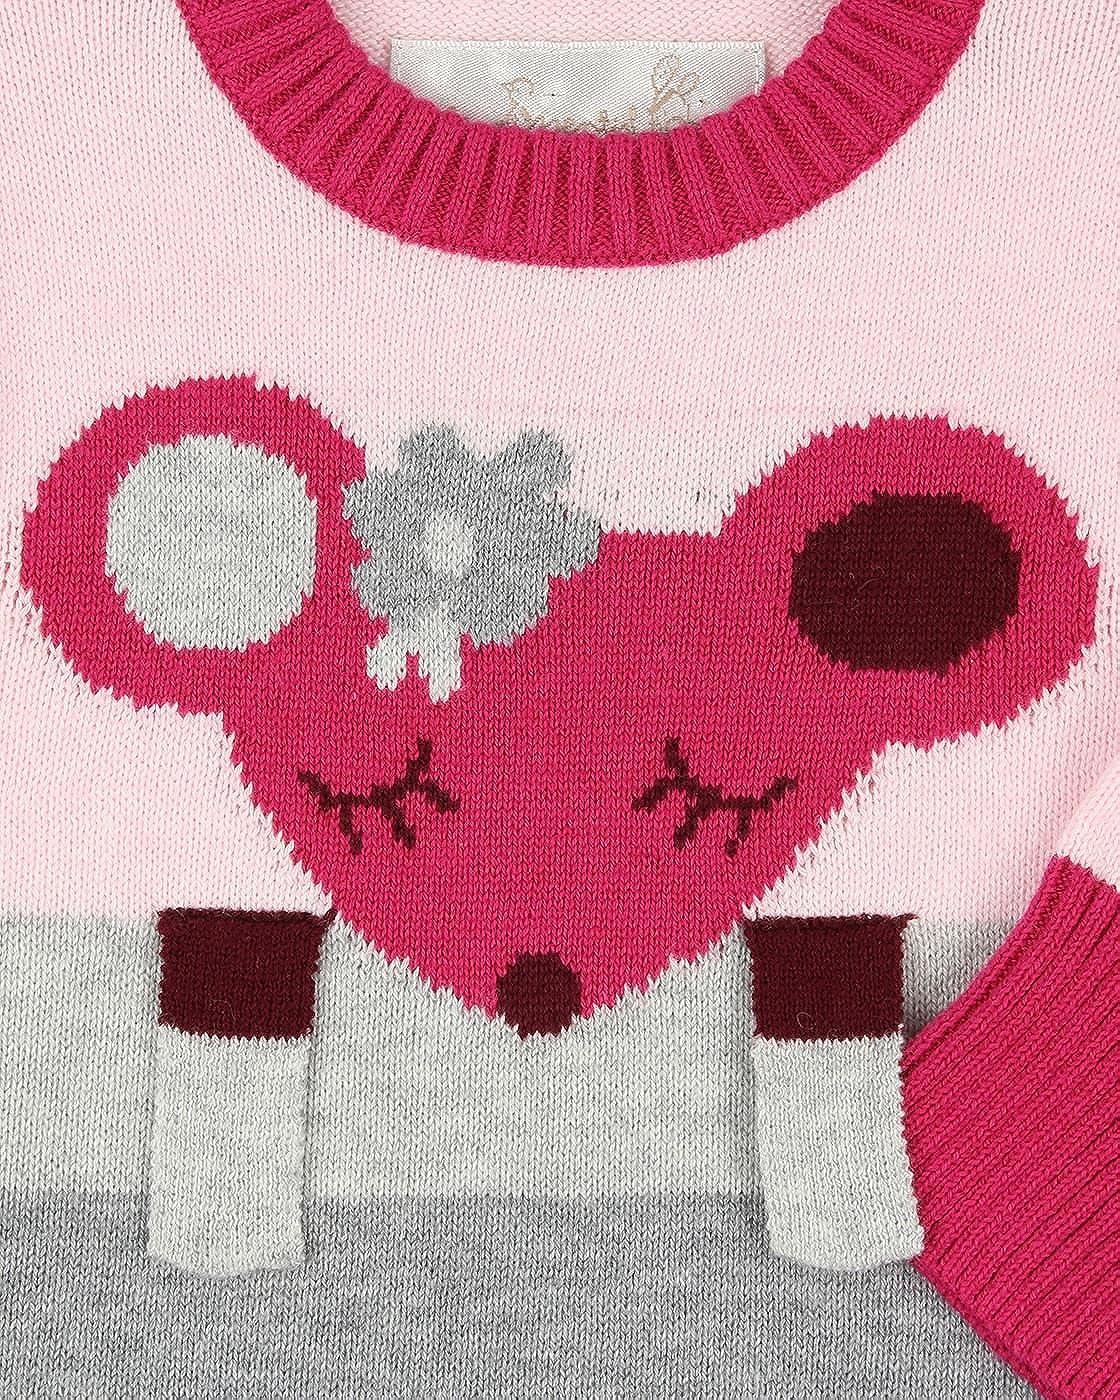 The Essential One - Bebé Niñas Pijamas Tipo Pelele Ratón De Punto - Rosado - Primera Puesta 50cm - EO287: Amazon.es: Ropa y accesorios